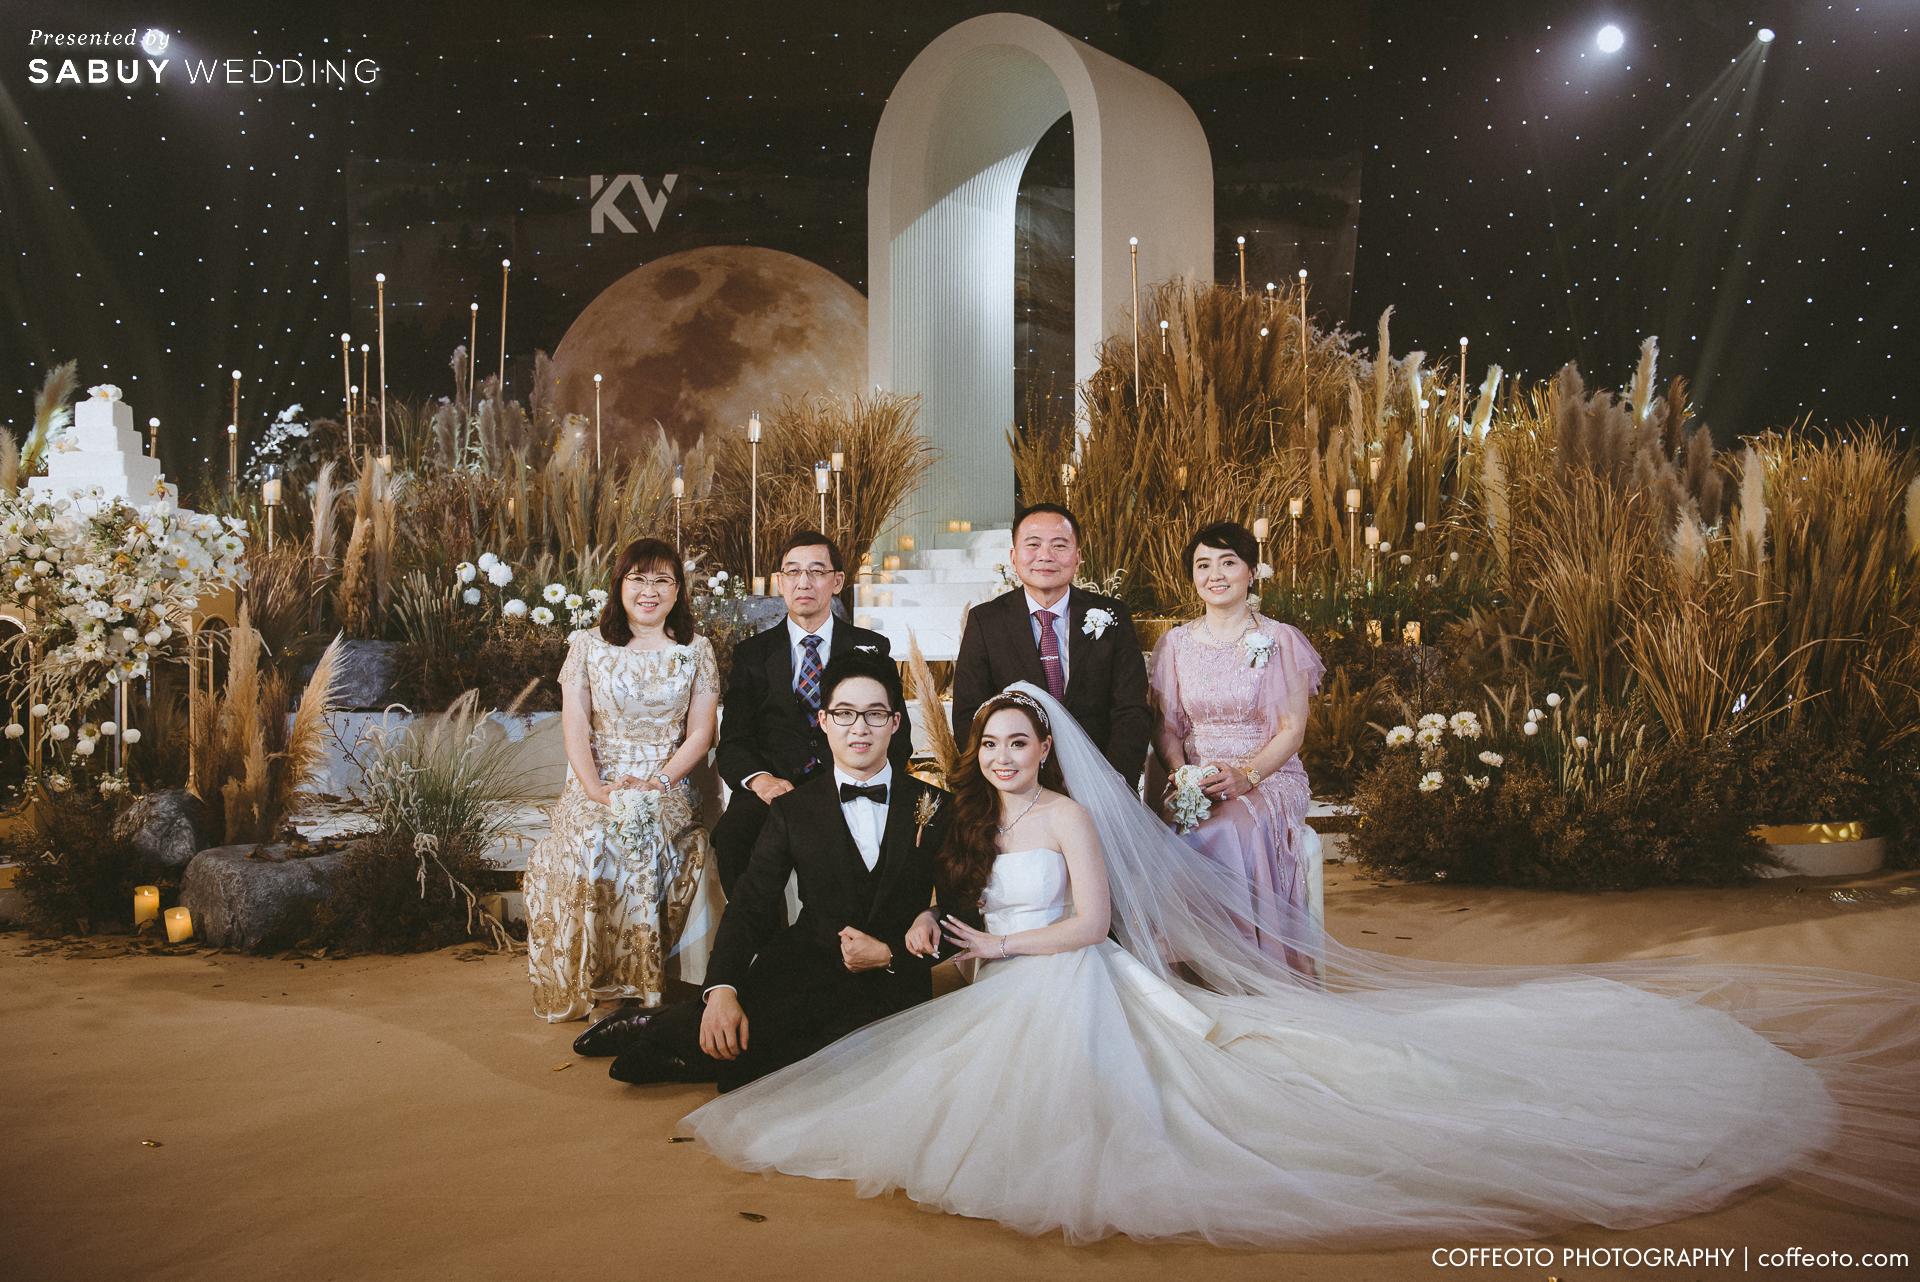 ชุดแต่งงาน,ชุดเจ้าสาว,ตกแต่งงานแต่งงาน,งานแต่งงาน,ladawan,เจ้าสาว รีวิวงานแต่งโรแมนติก จำลองหมู่บ้าน Cotswold ของอังกฤษมาไว้ในงาน @ Hotel Nikko Bangkok